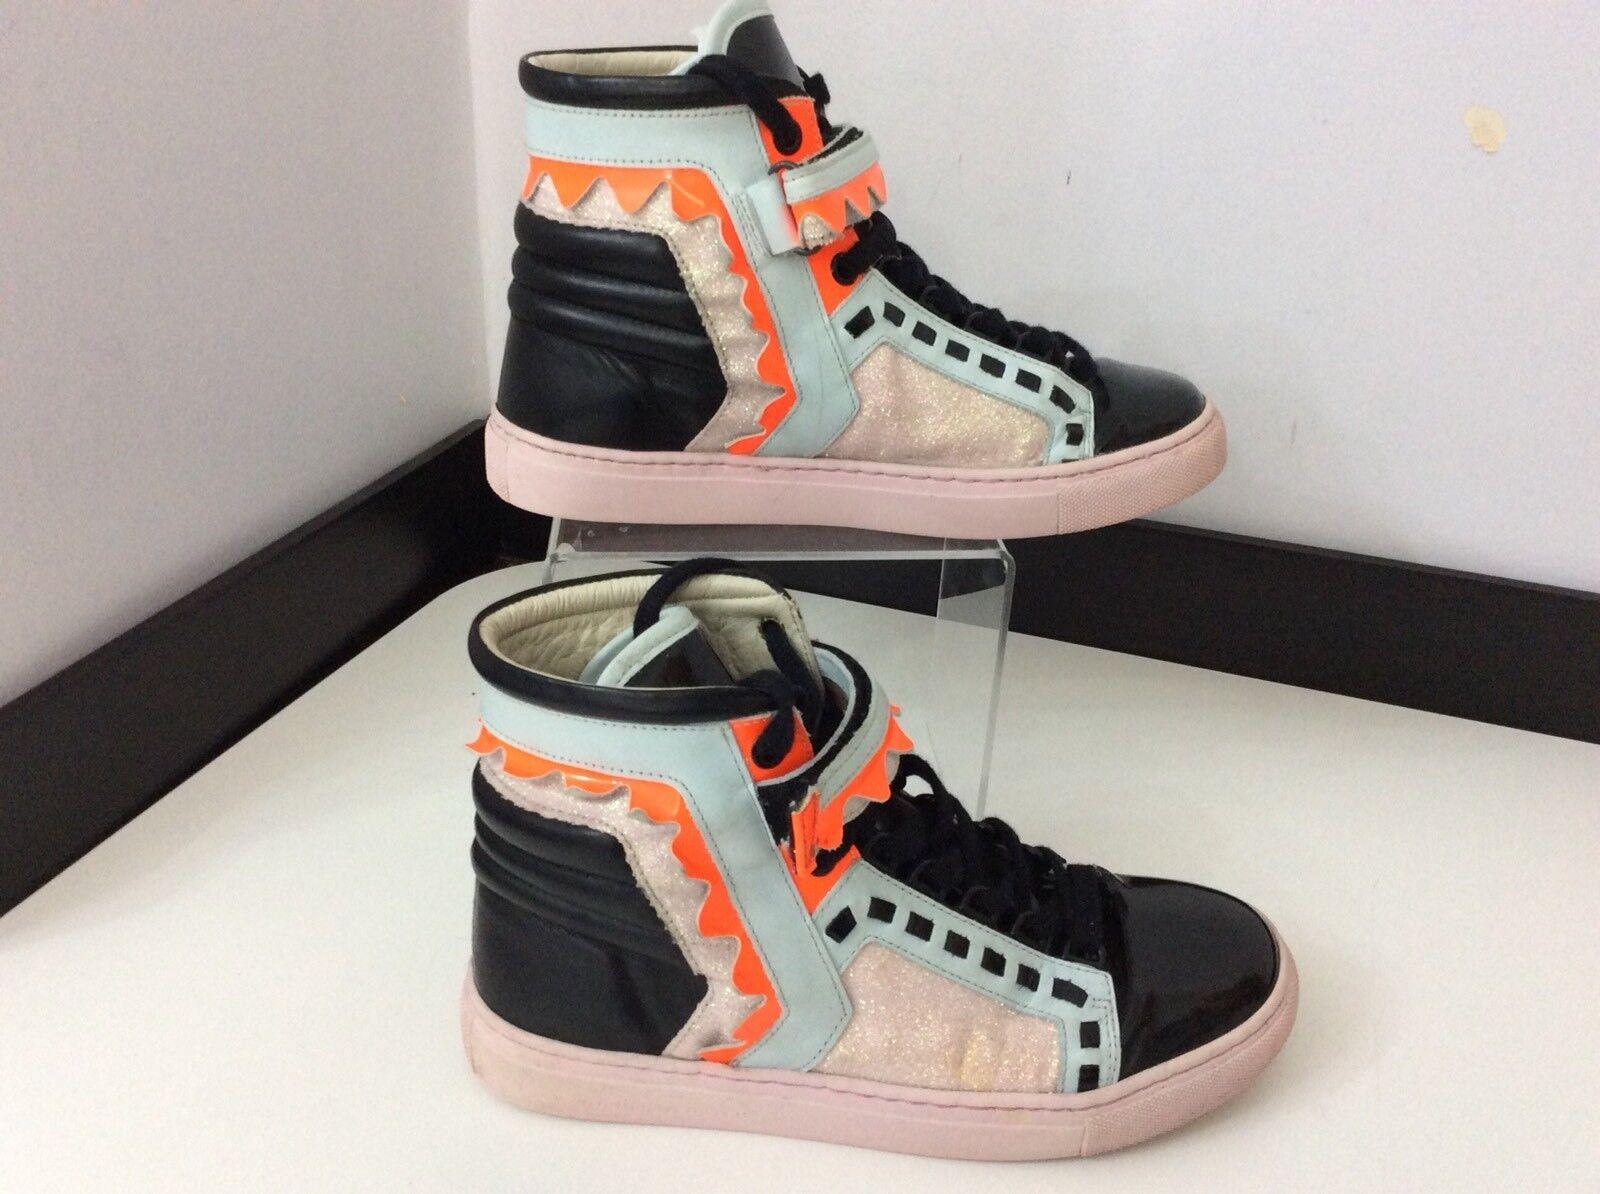 Sophia Webster Webster Webster Hi Top Zapatillas botas Negro y rosado Cuero Talla 35 Reino Unido 2.5  hasta un 65% de descuento